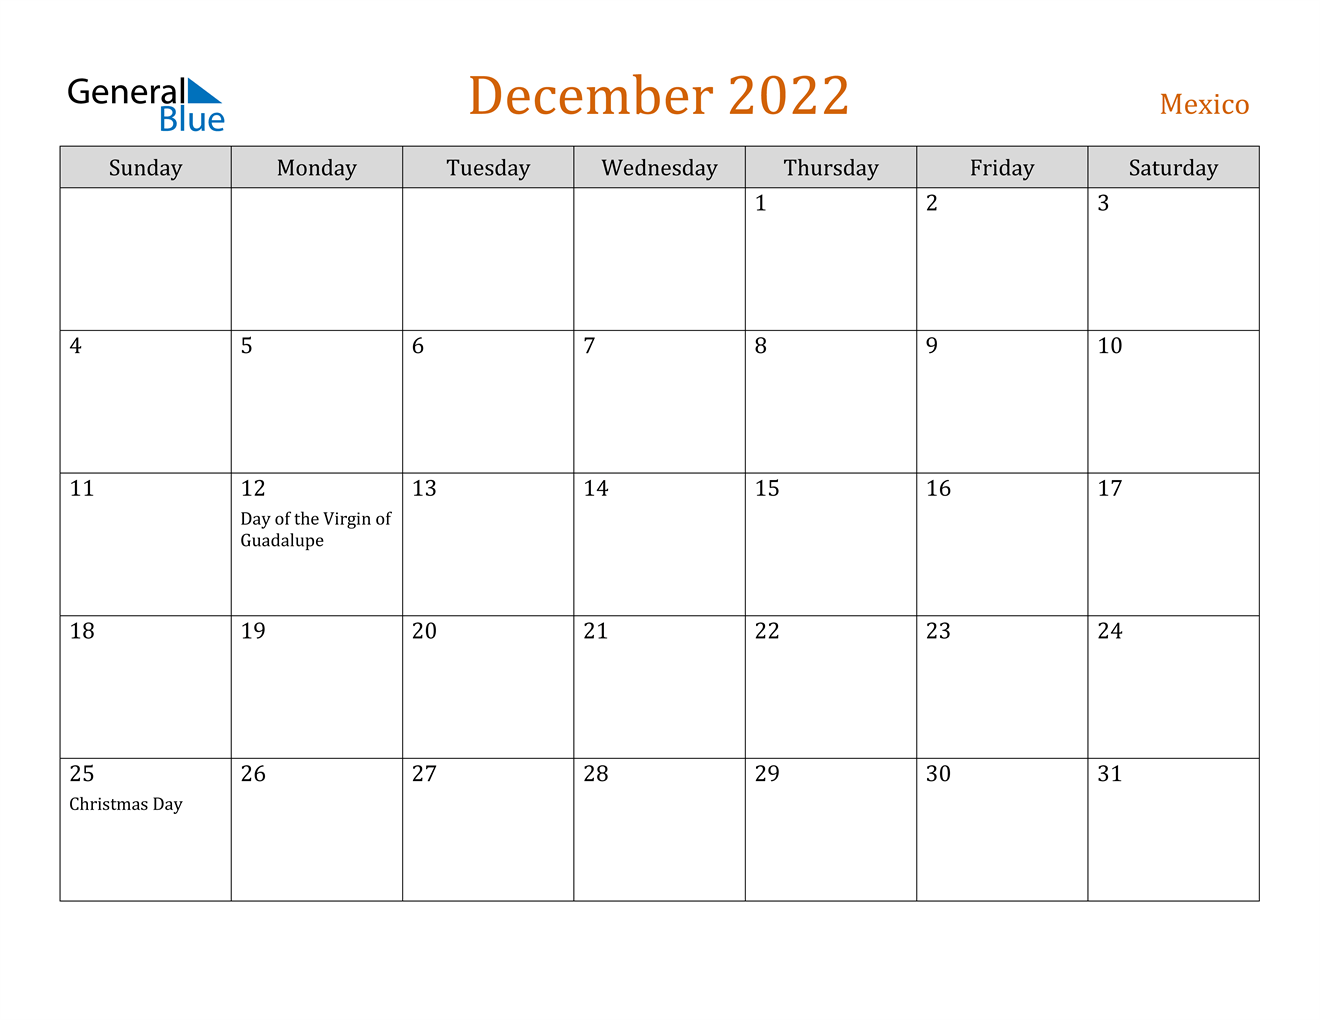 December 2022 Calendar - Mexico